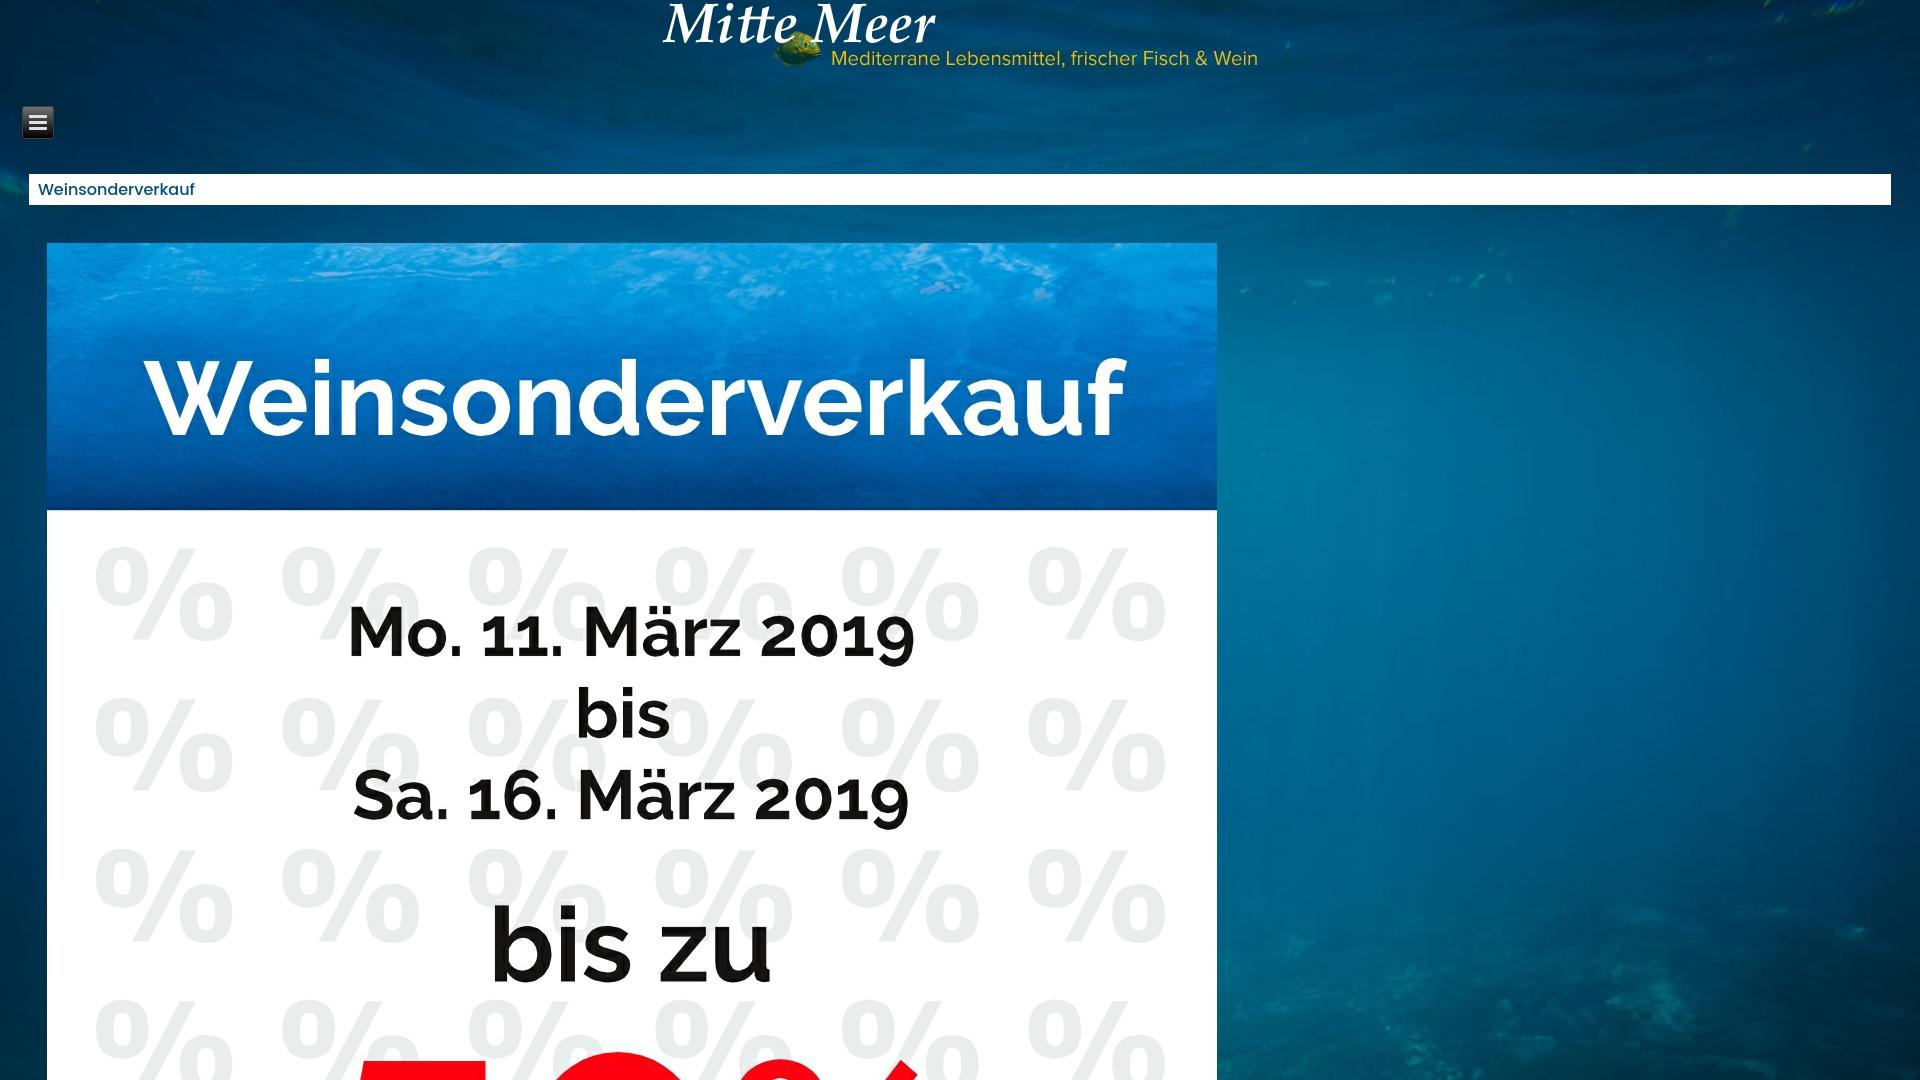 Gutschein für Mitte-meer: Rabatte für  Mitte-meer sichern